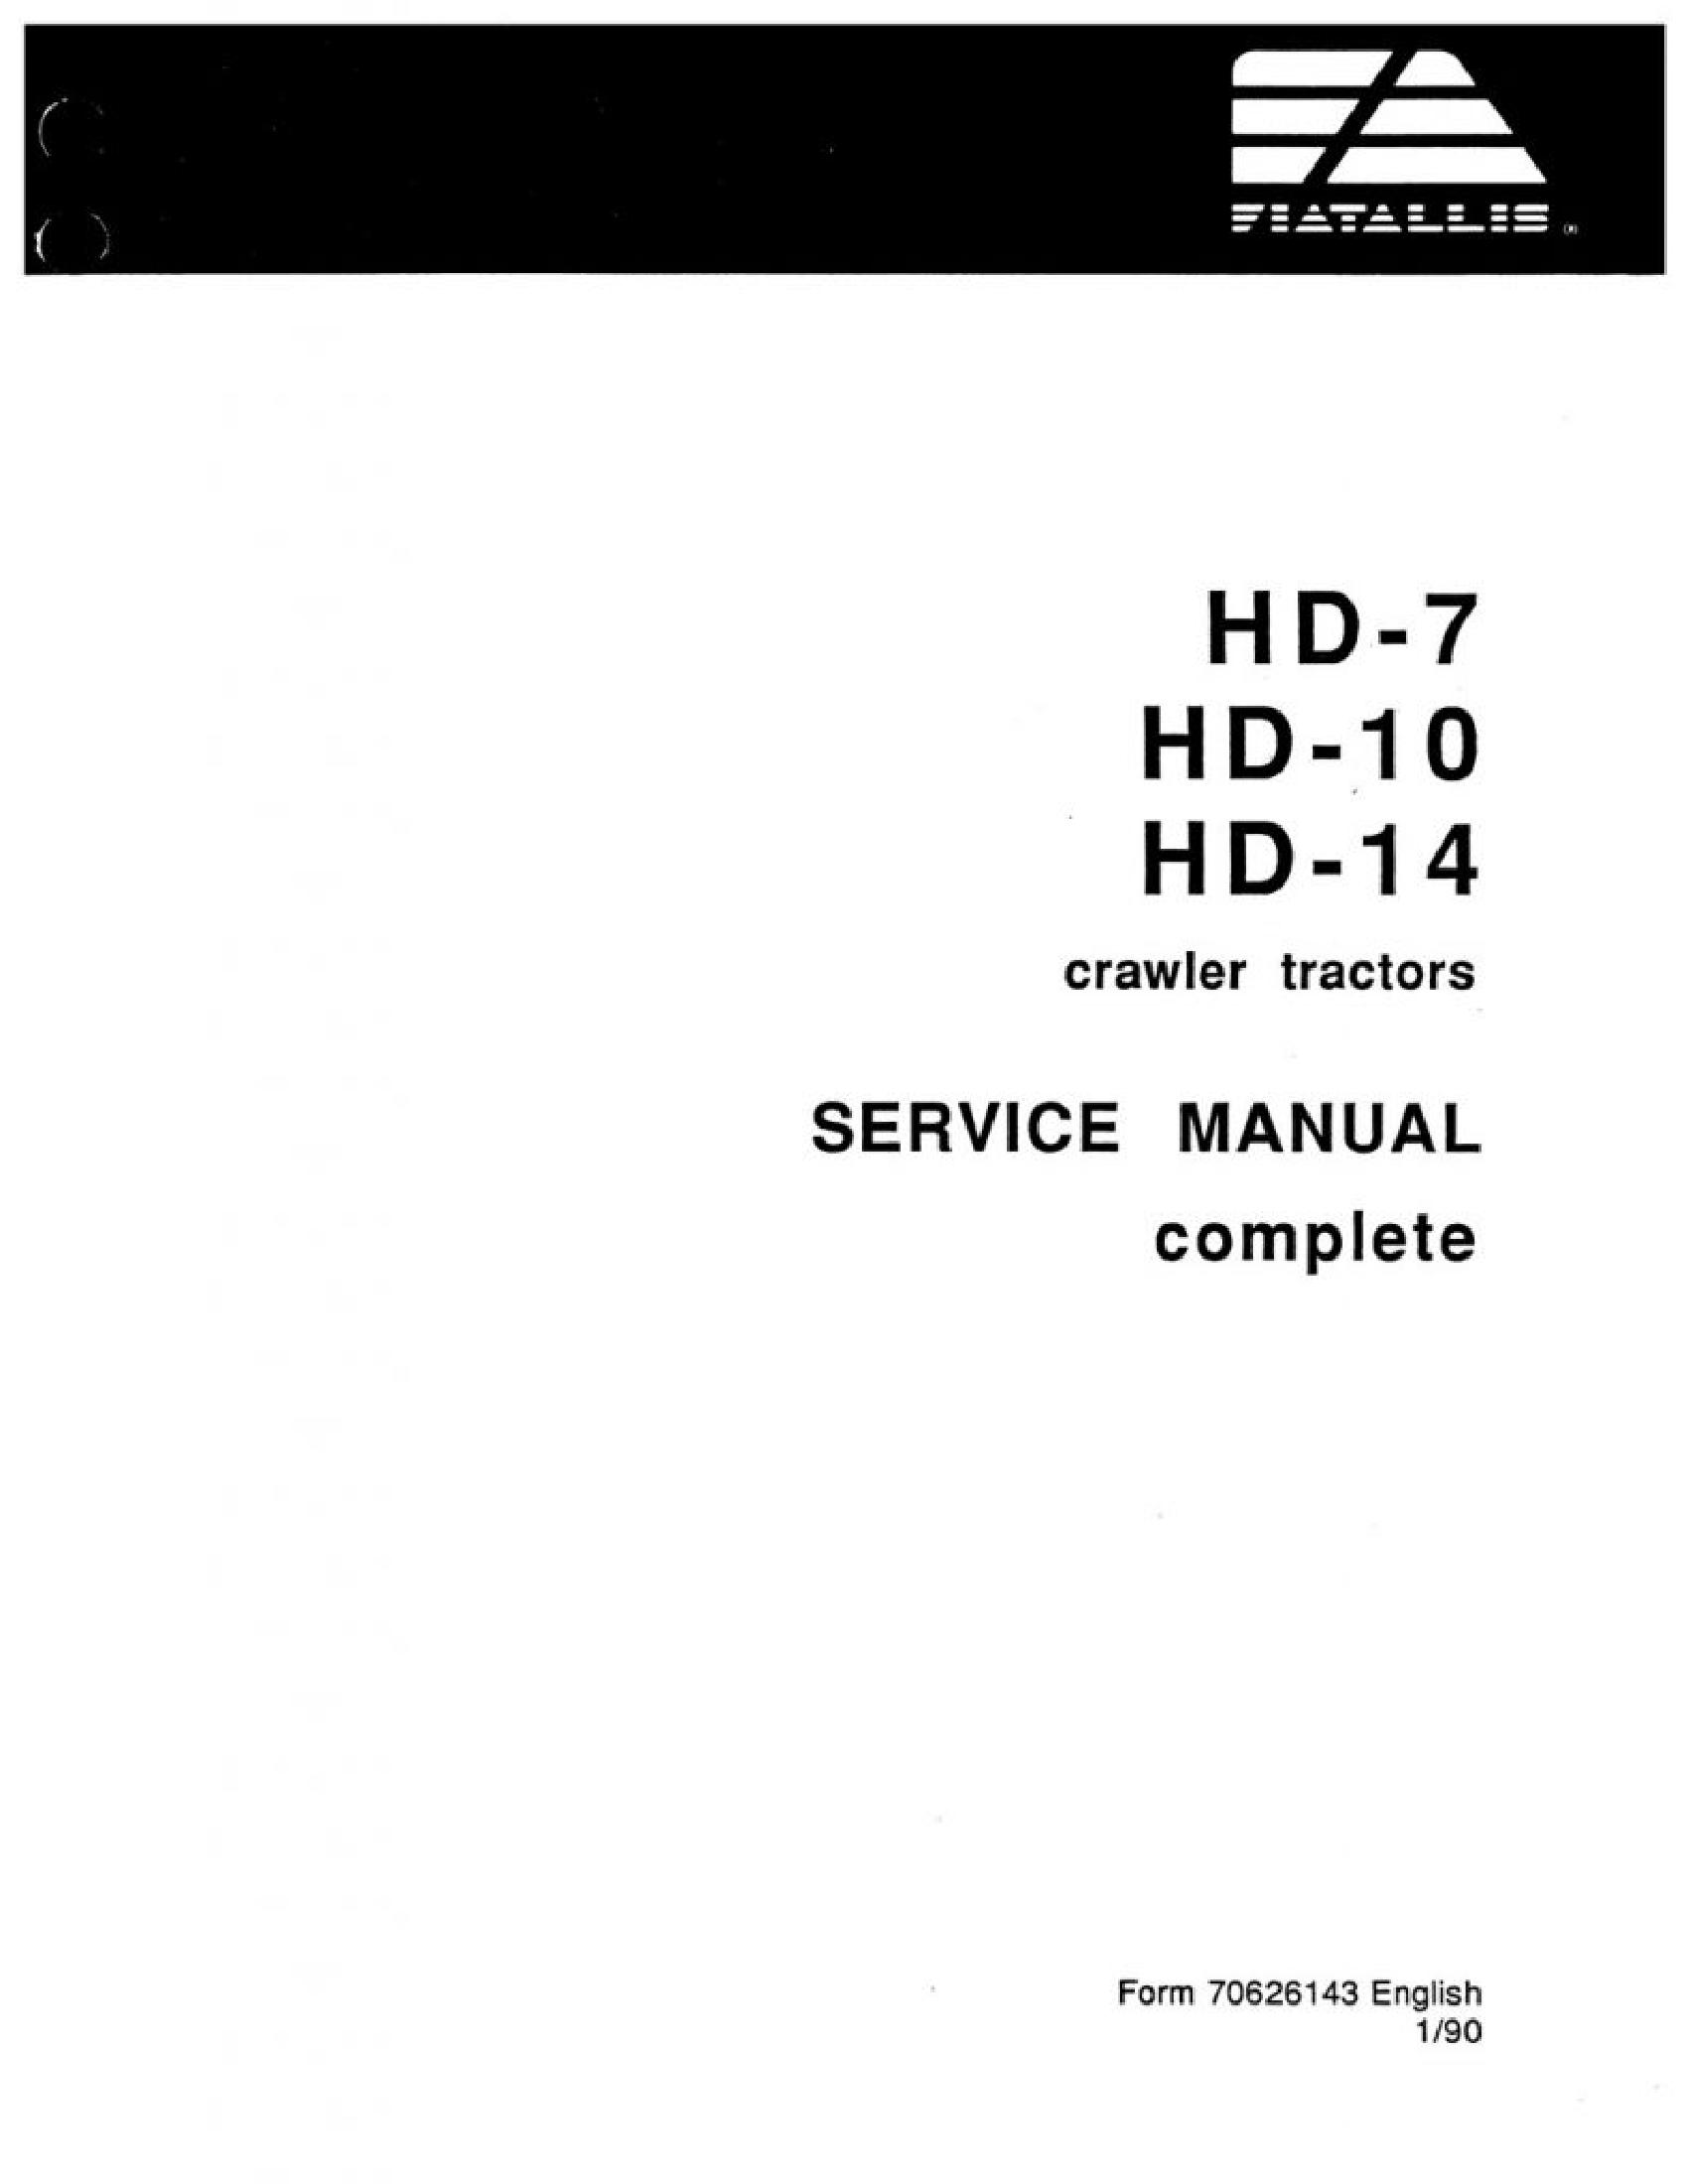 Fiat-Allis HD-7 Crawler Tractors manual